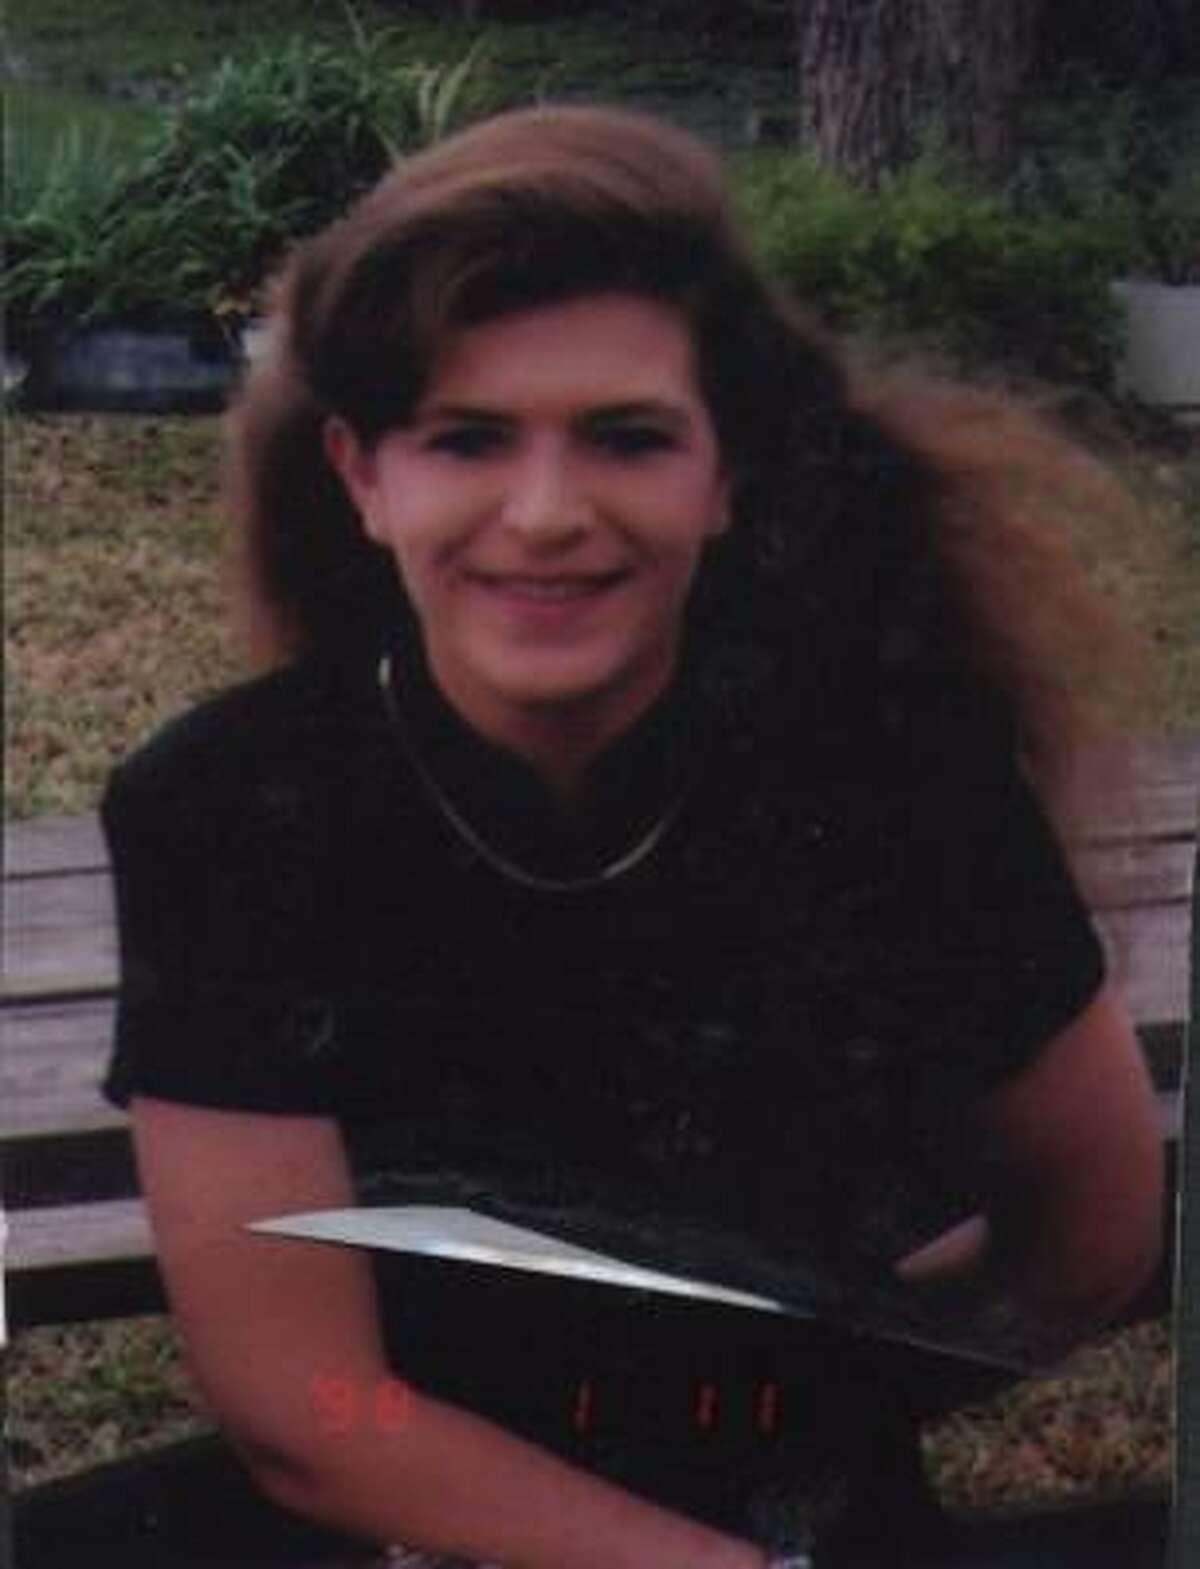 Suzie Malek was killed as her children lay next to her.